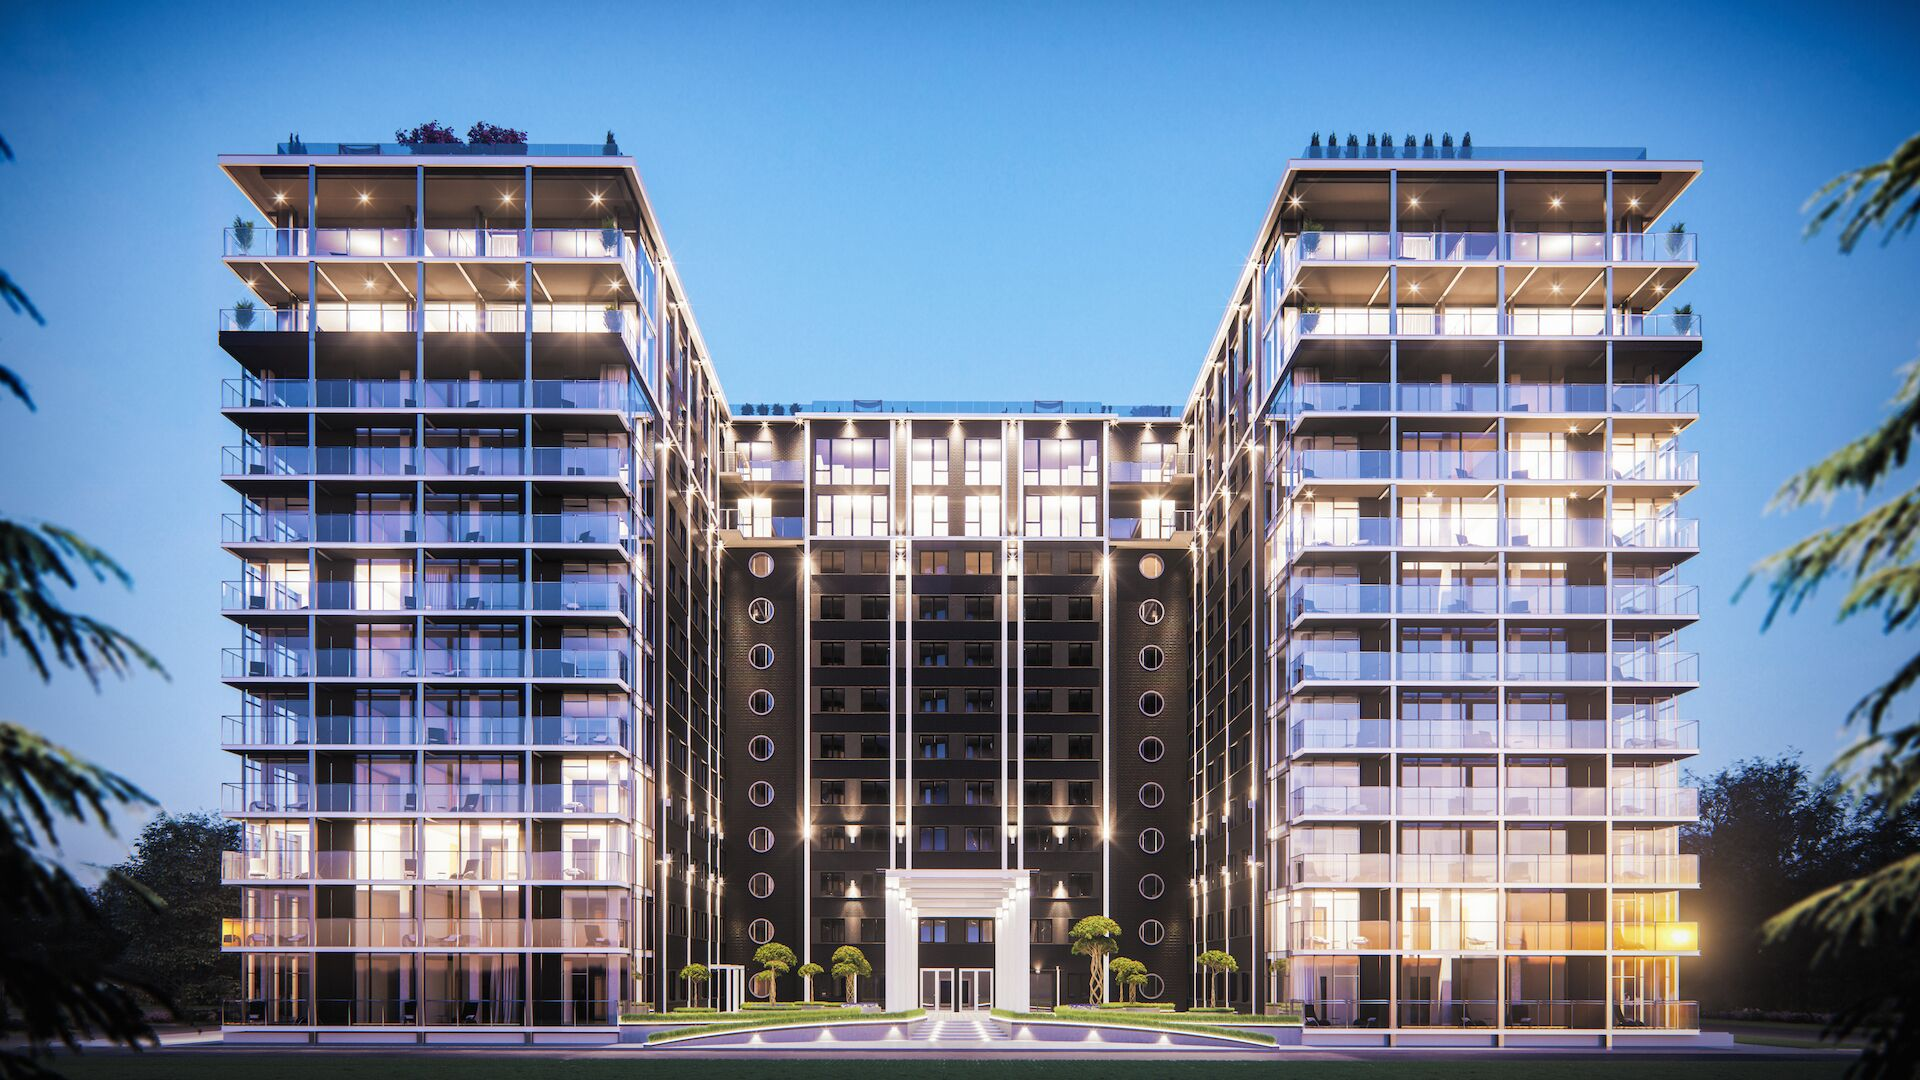 Endoveril valmis Eesti suurim korterelamu uusarendus